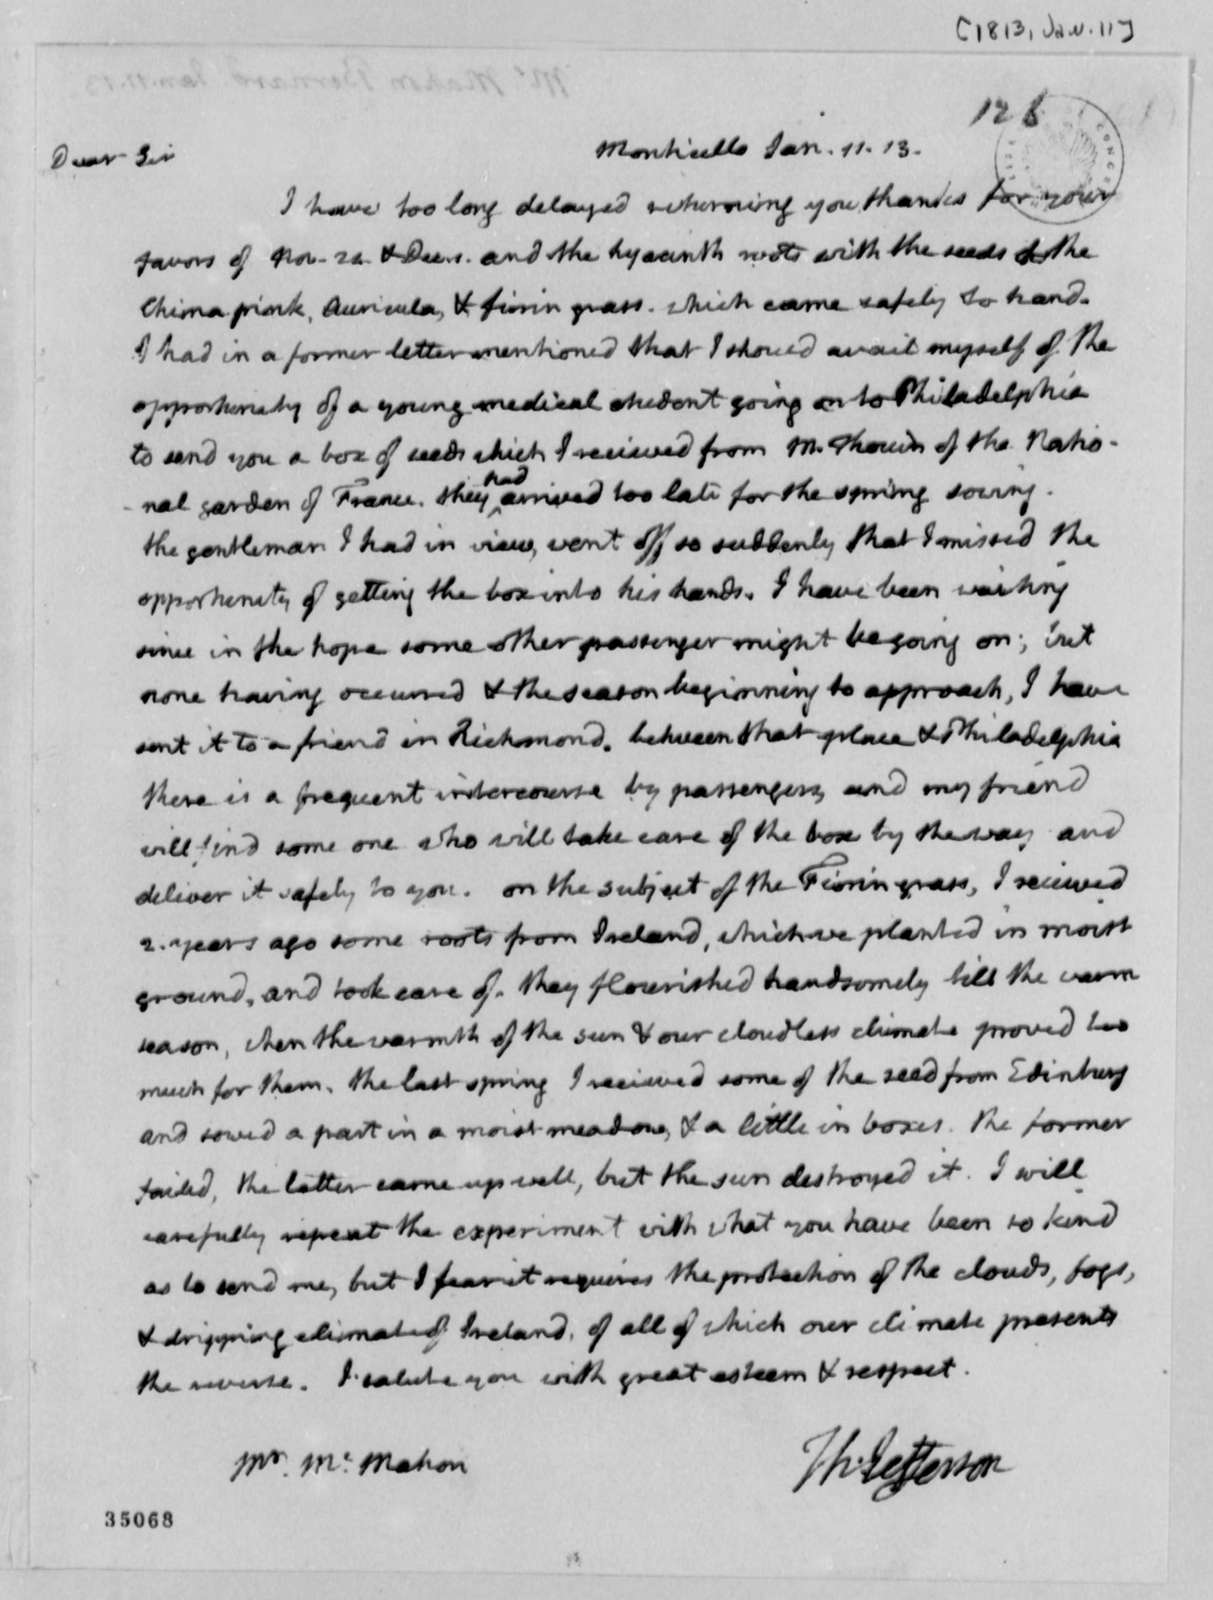 Thomas Jefferson to Bernard McMahon, January 11, 1813